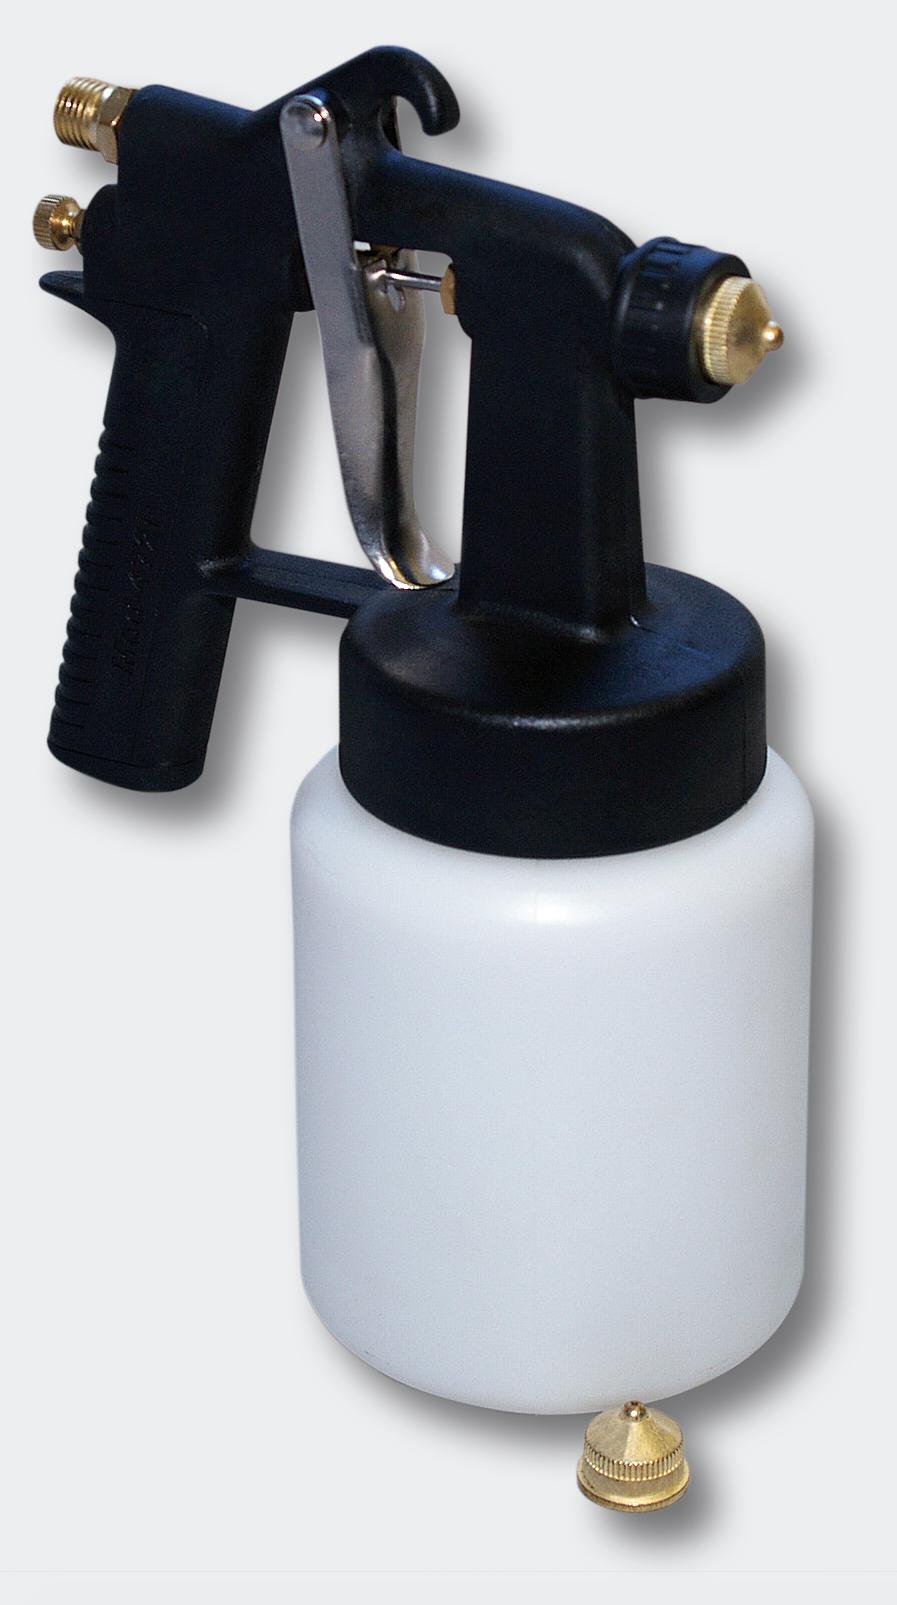 kit 2 compresseur et pistolet peinture 001 ebay. Black Bedroom Furniture Sets. Home Design Ideas